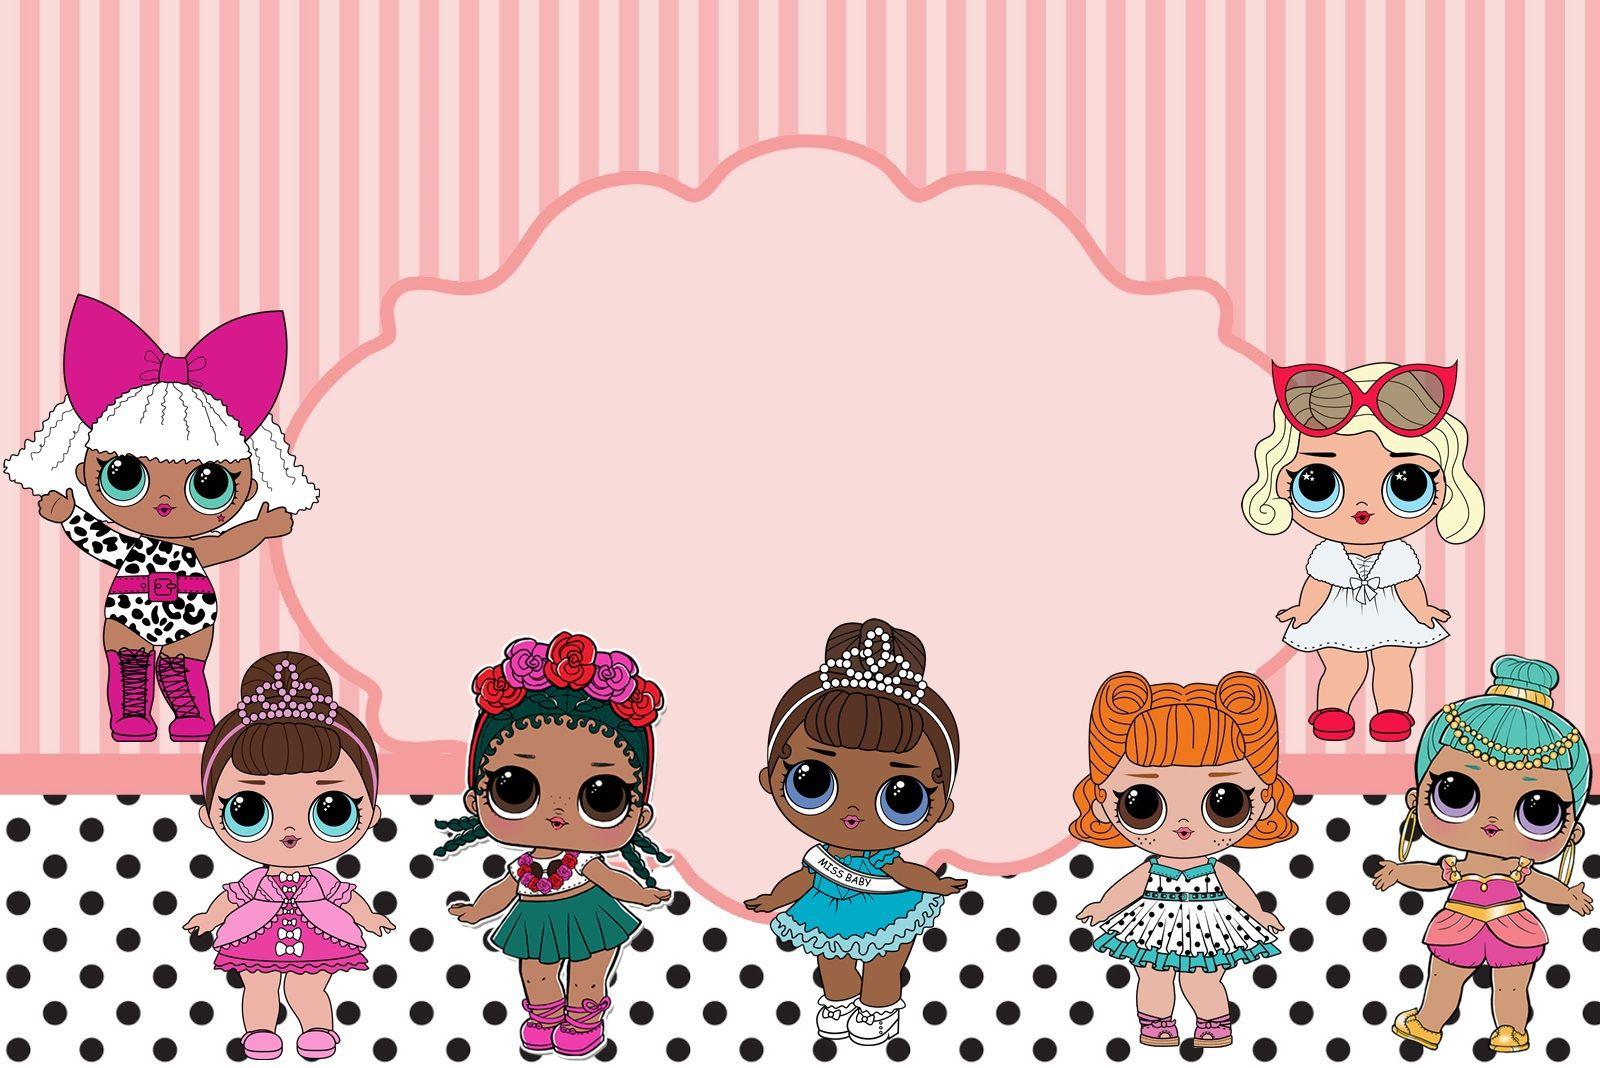 Для поздравлений, открытка с днем рождения для девочки 5 лет с лол